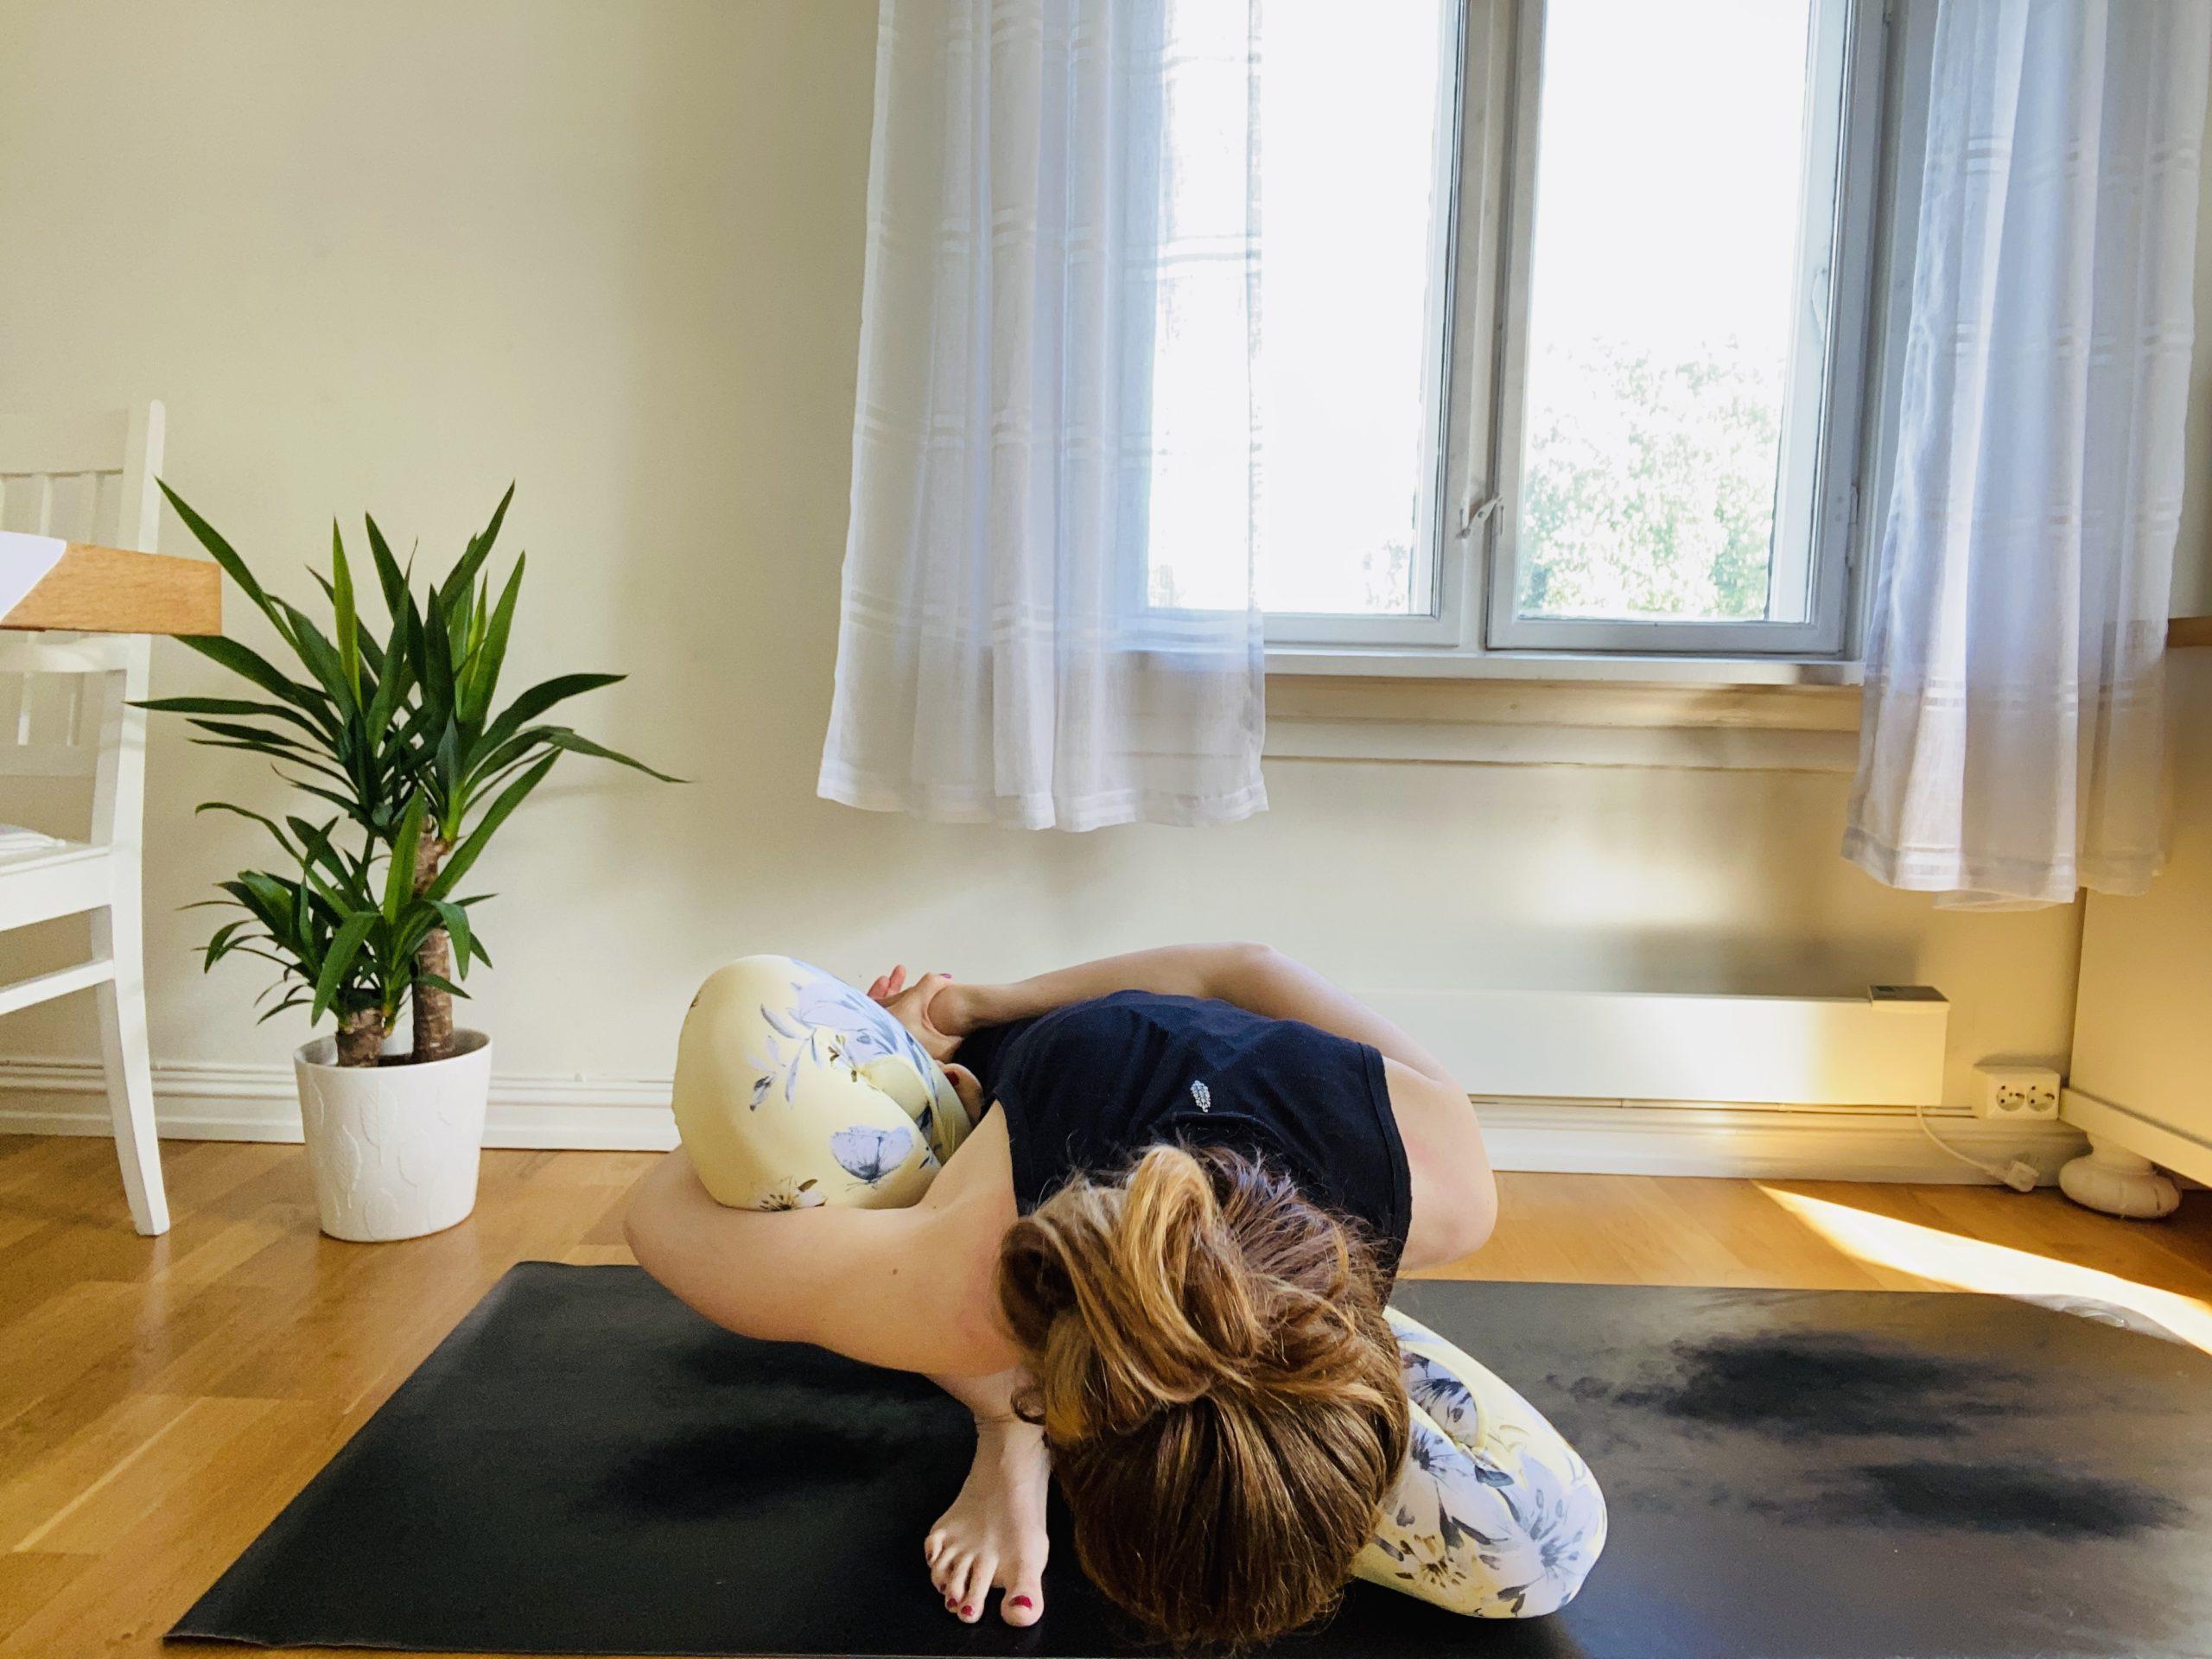 hvorfor praktisere ashtanga yoga